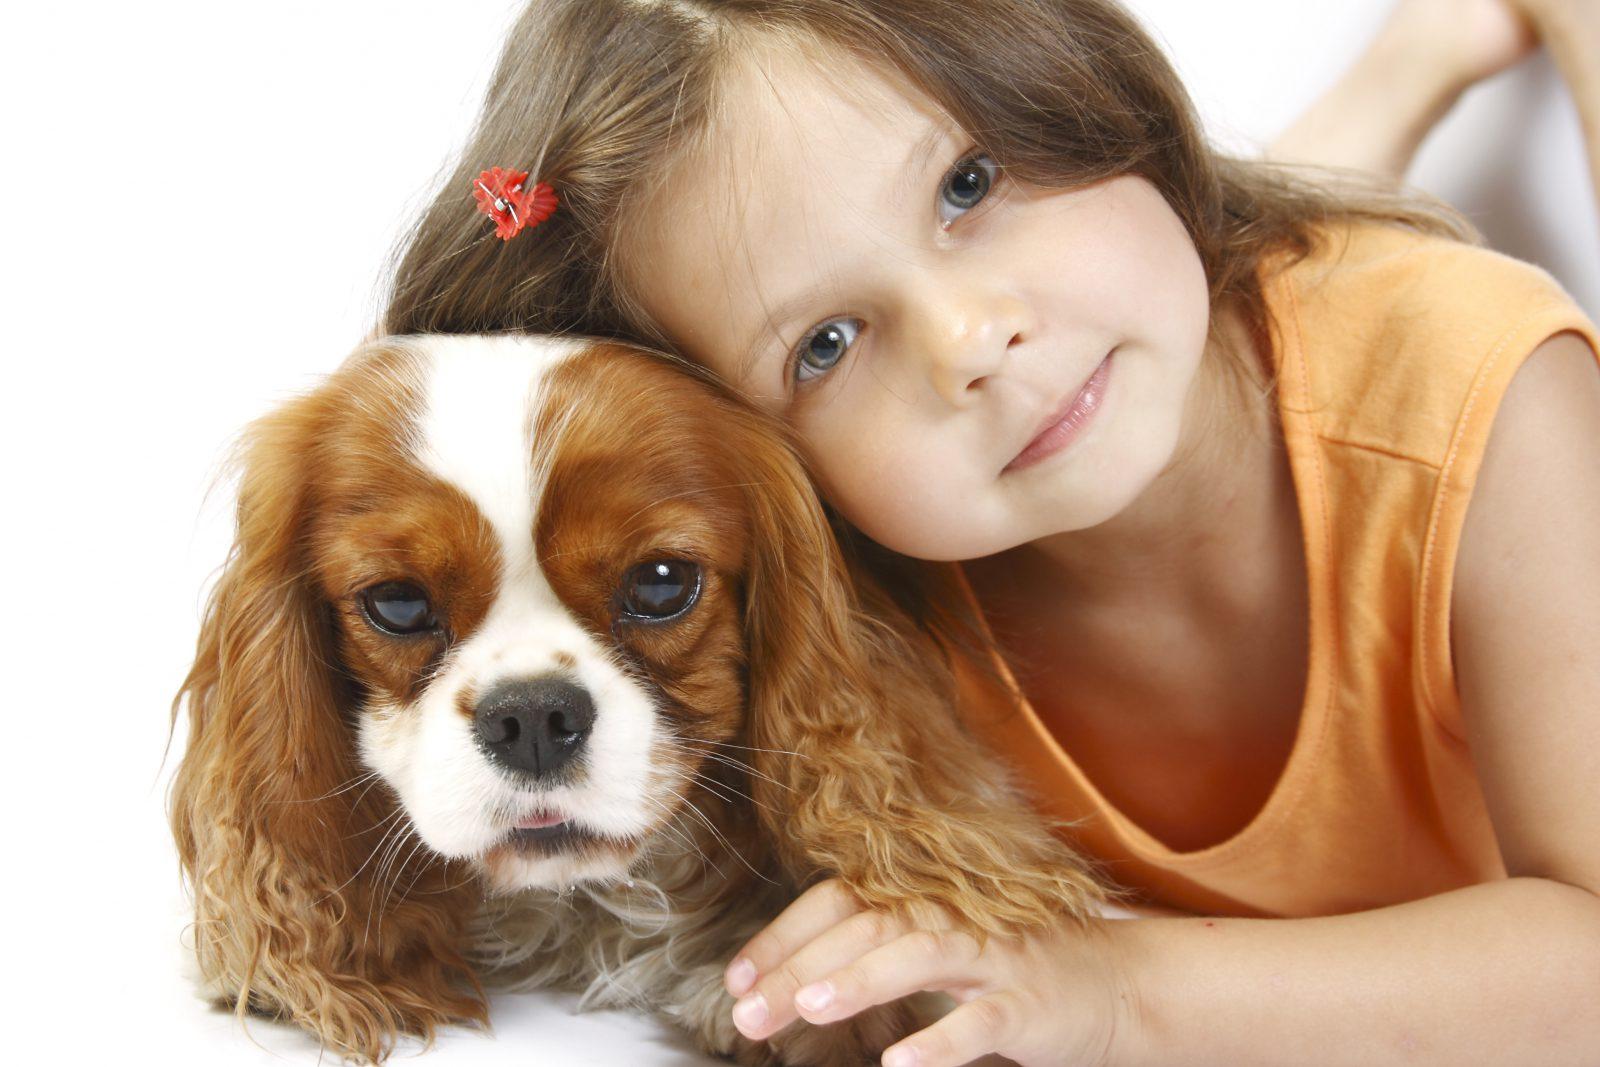 Cachorro pequeno: avalier King Charles Spaniel e sua jovem dona posando para uma foto.